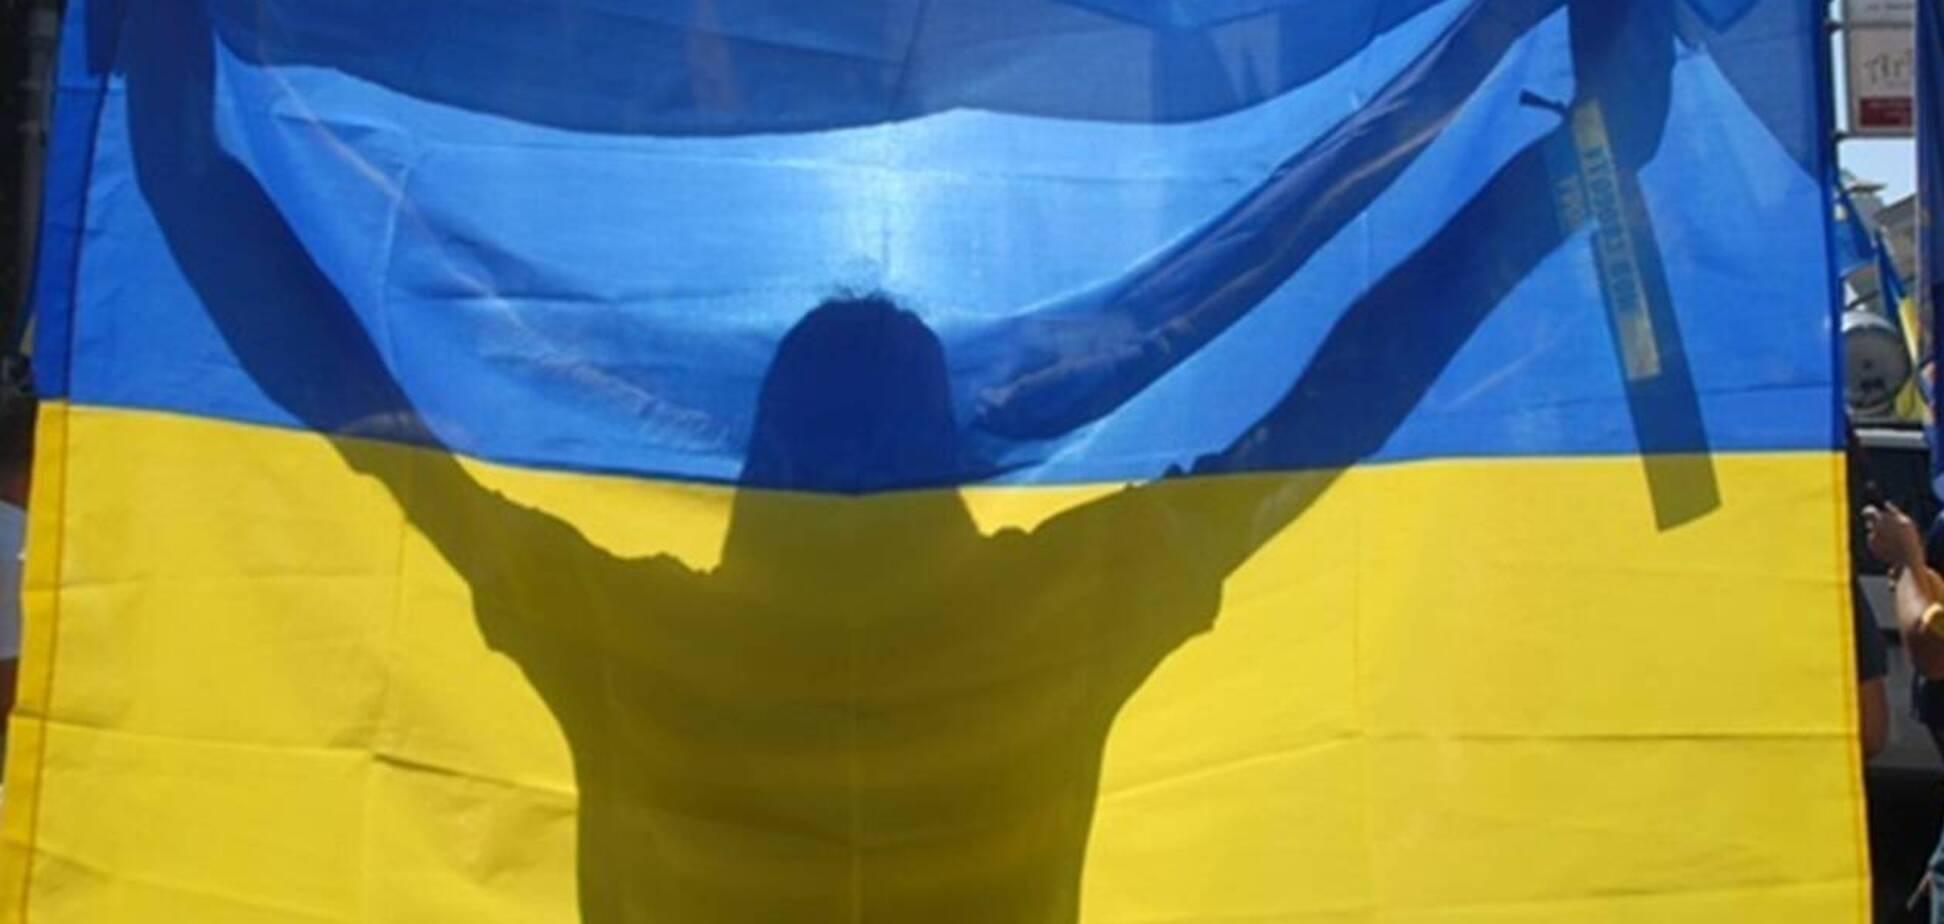 Кремль підбурює мовні дискусії в Україні, а влада підігрує, – експерт